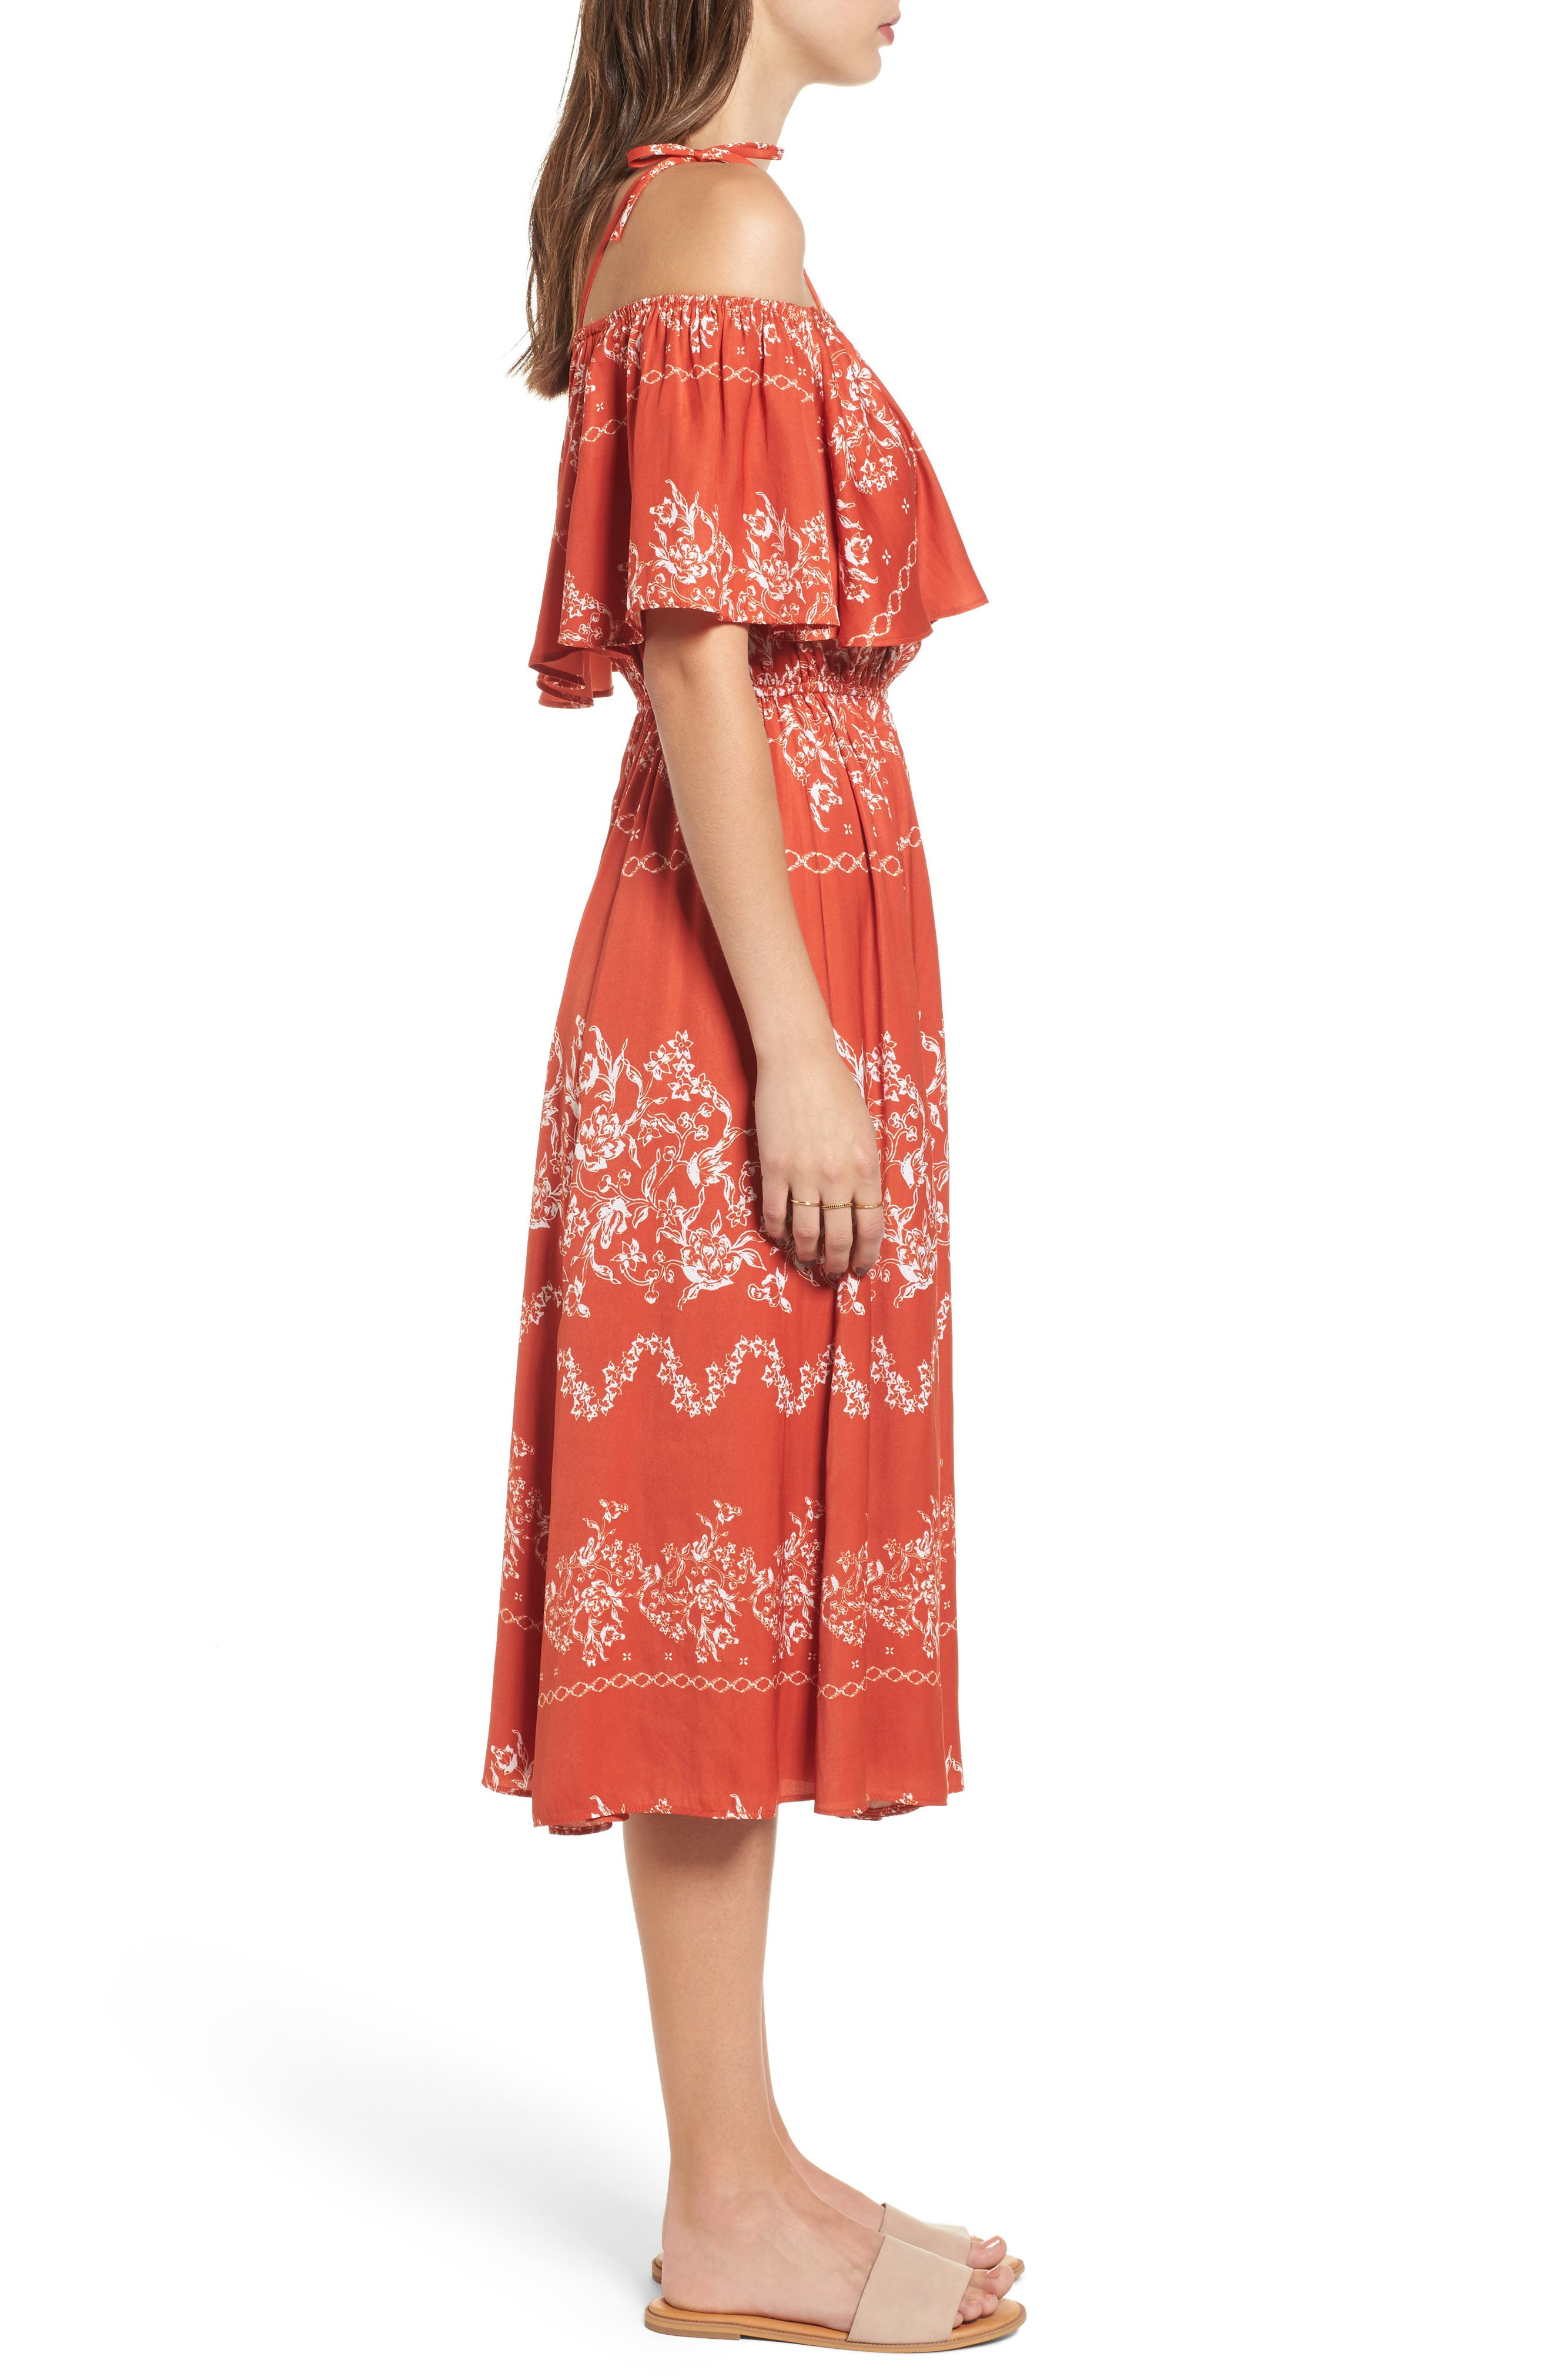 Jacqui Floral Print Cold Shoulder Dress,                             Alternate thumbnail 3, color,                             600